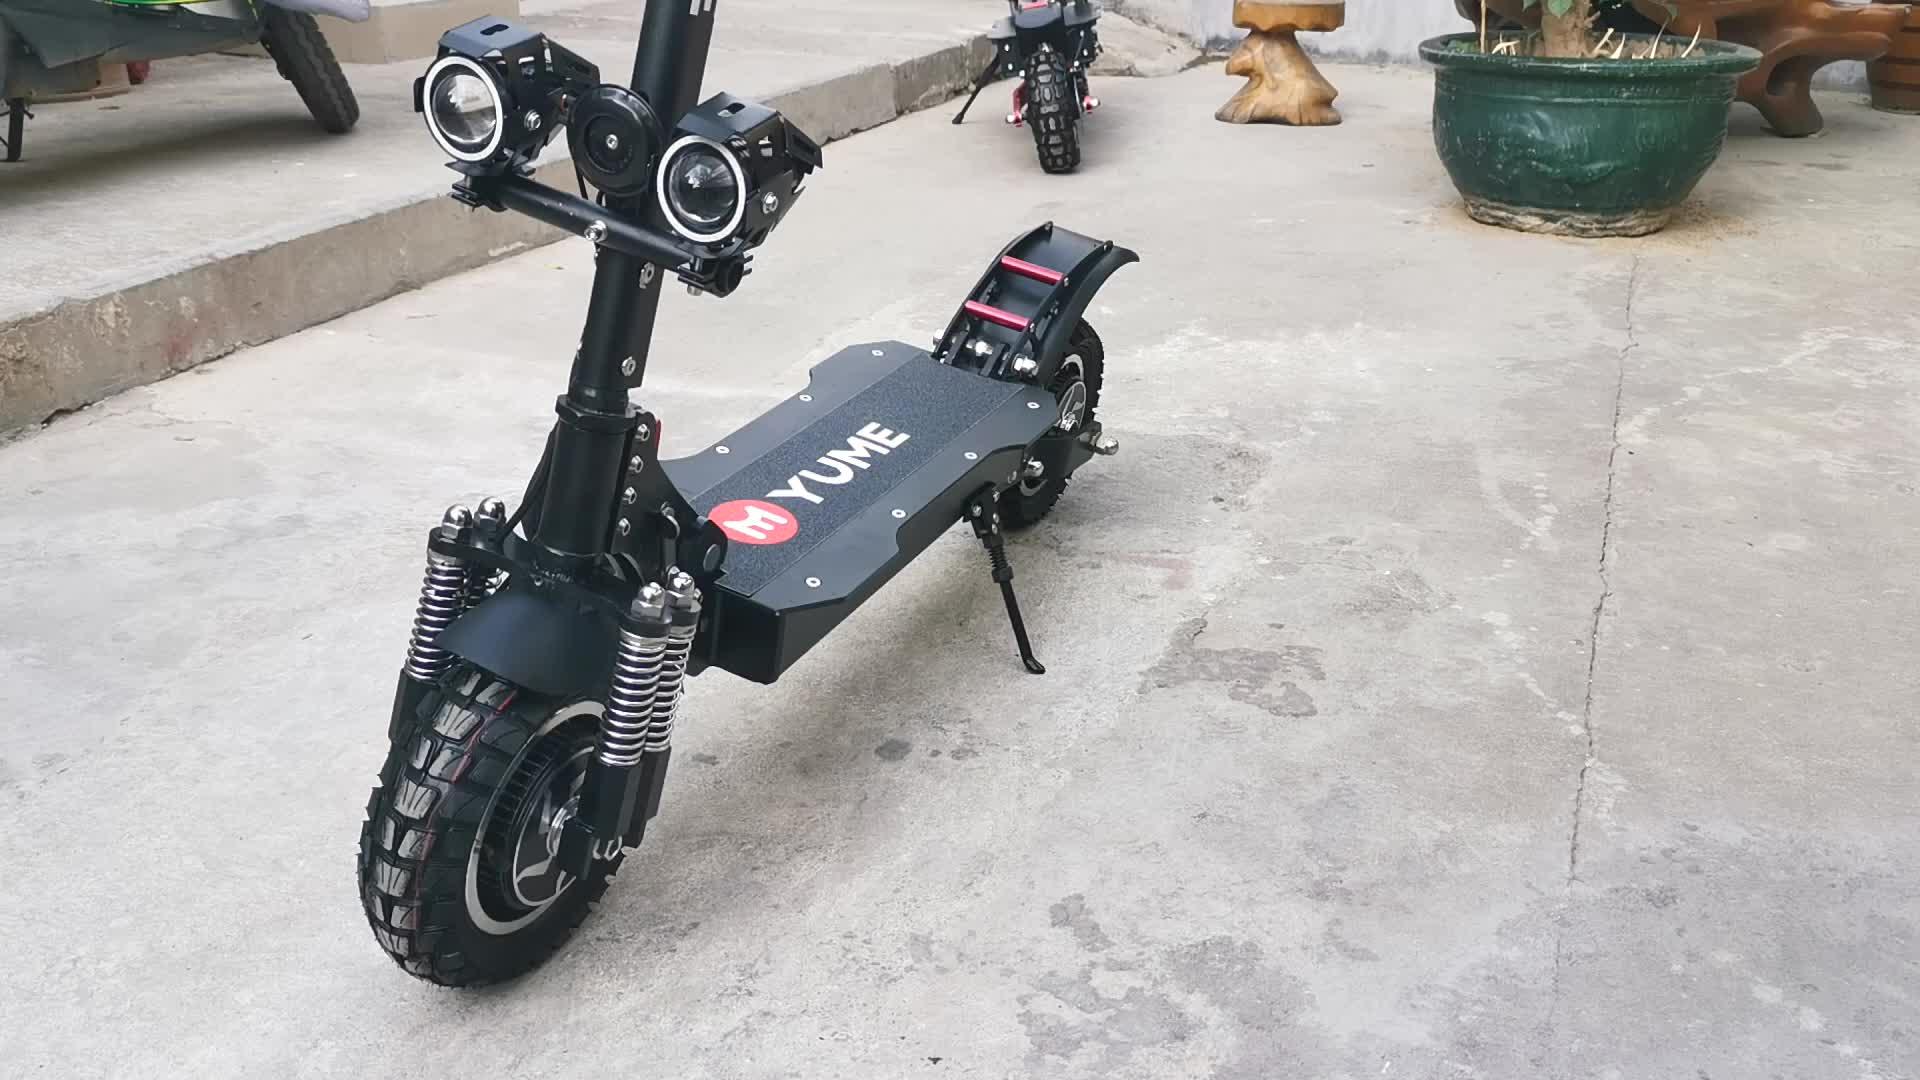 دراجة نارية YUME ثنائية سكوتر بموتور كهربائي للبالغين بقوة 2000 واط بإطار عريض